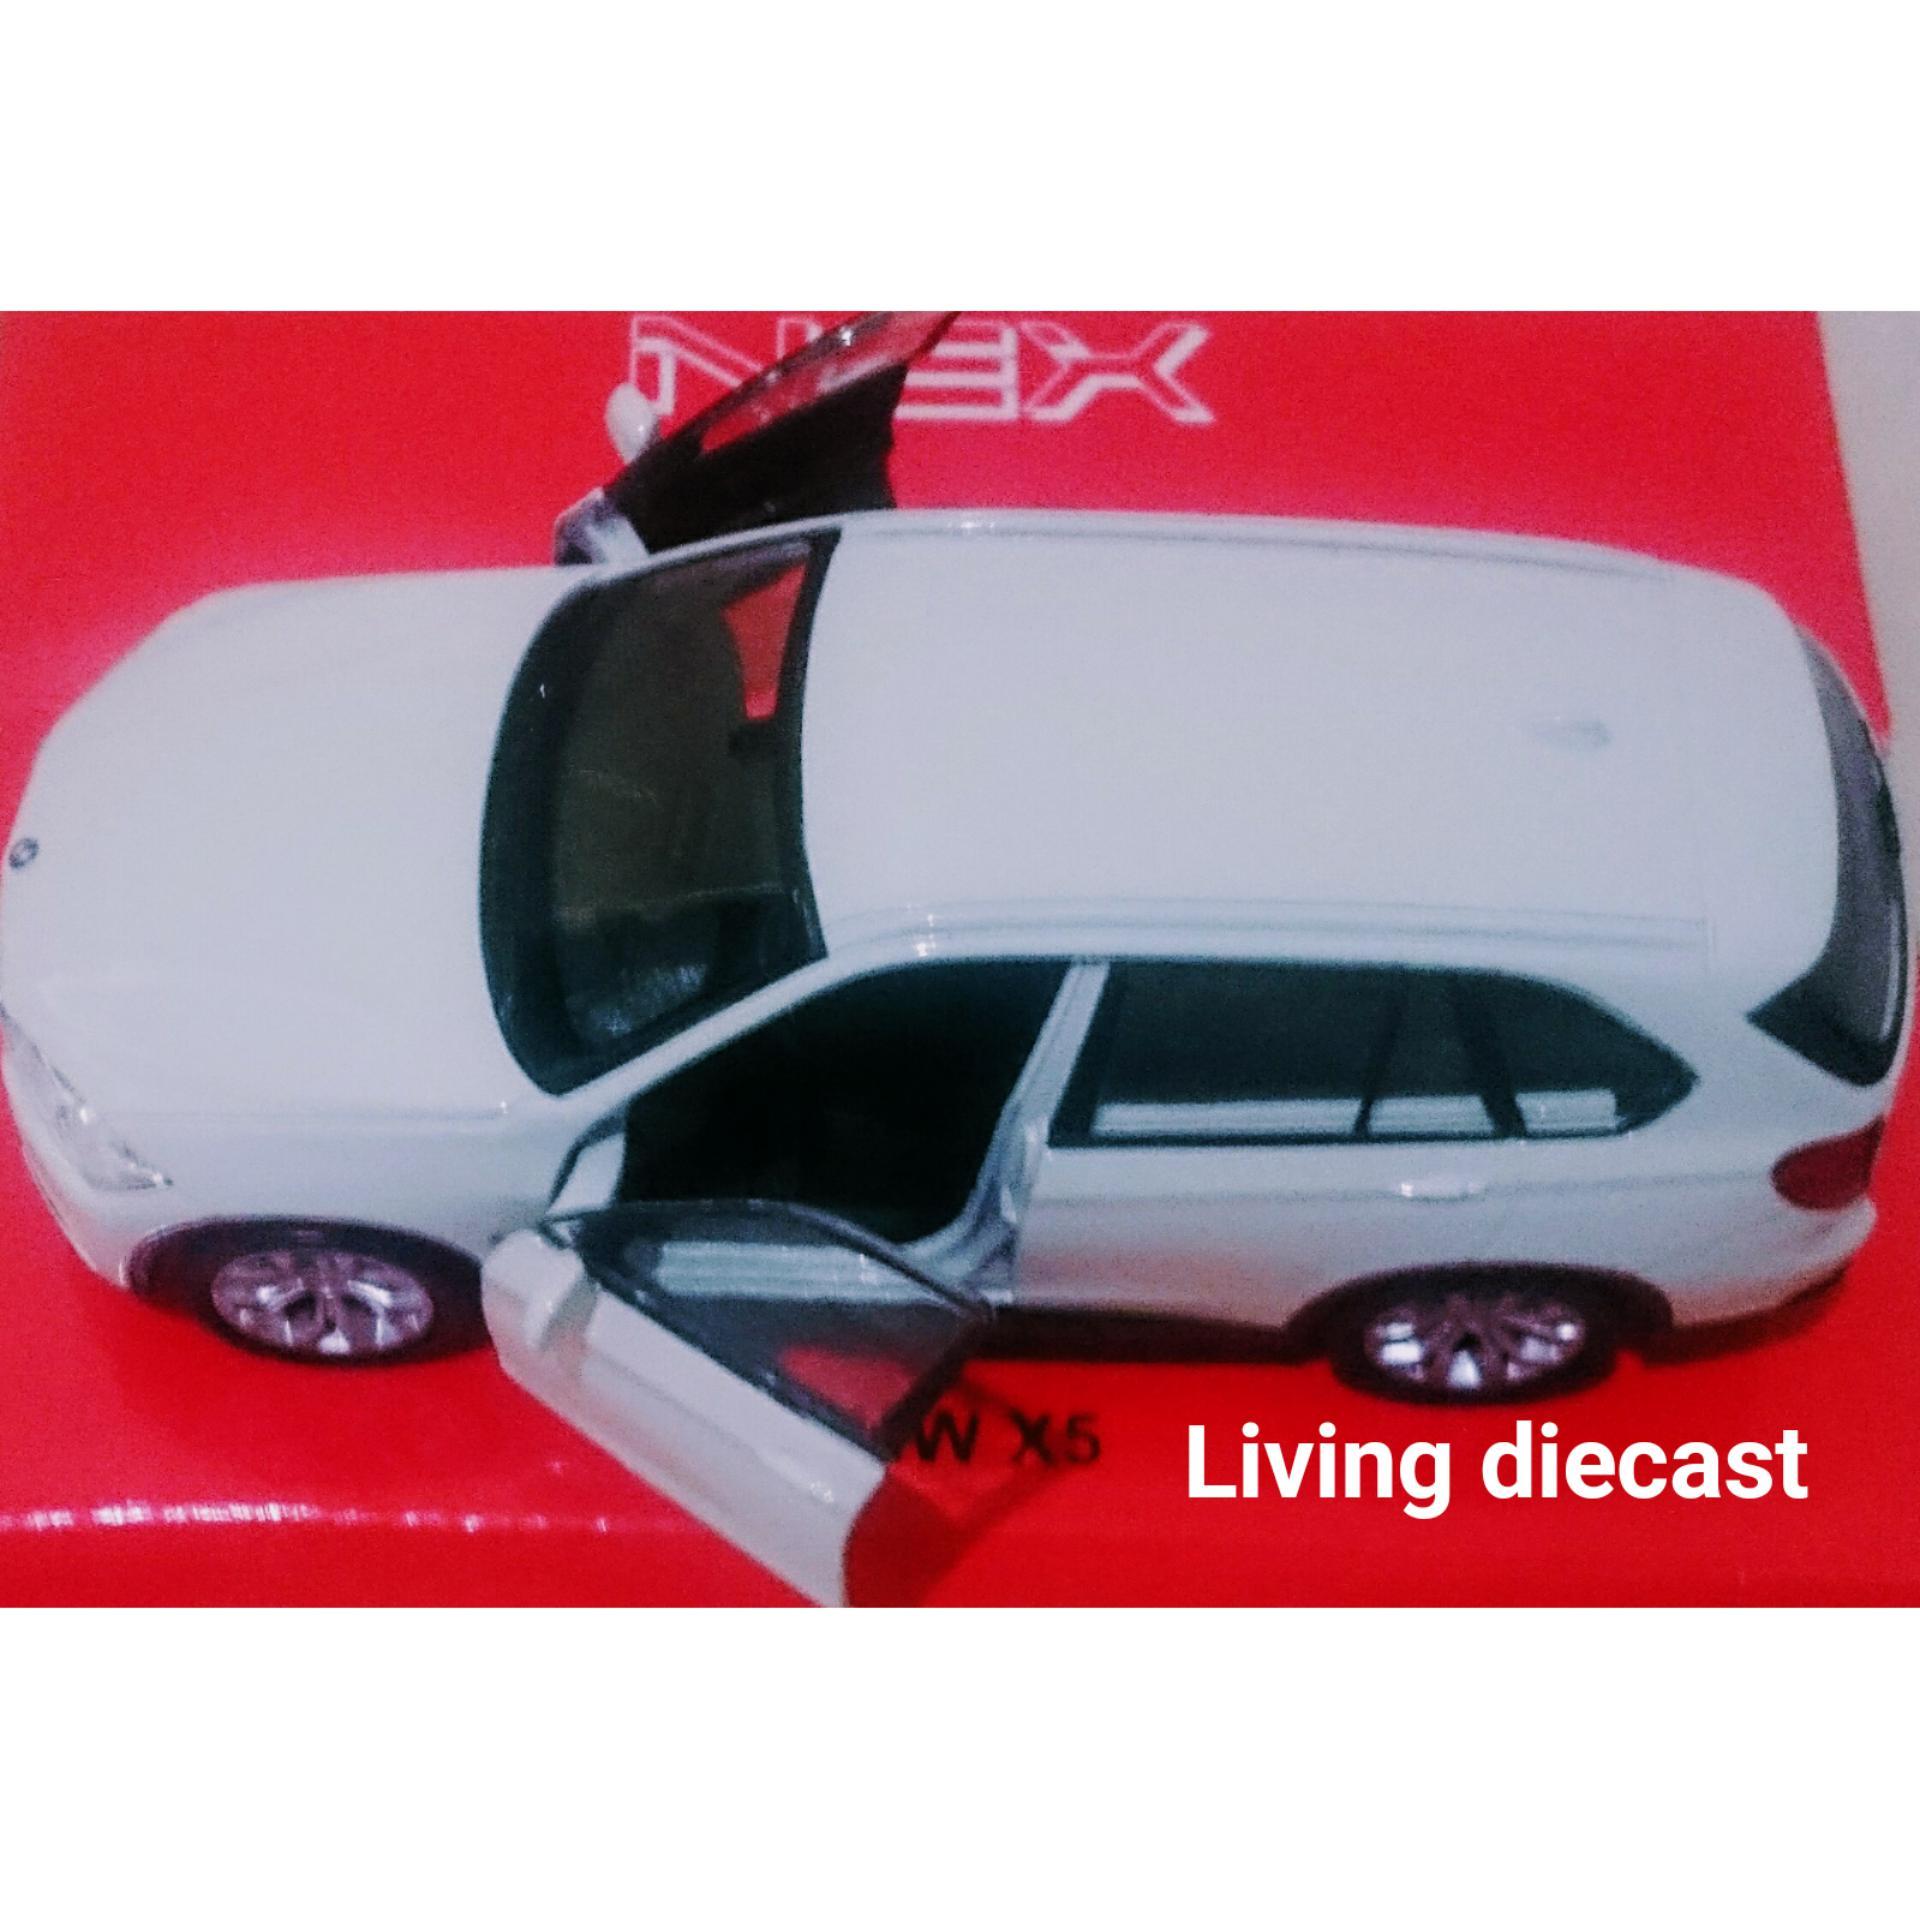 Klikoto Antena Mobil Variasi Sirip Hiu Universal Model Bmw X 5 Hitam Hybrid Sebagai Pengganti Asli Dan Berfungsi Radio Bentuk Murah Berkualitas Source Diecast